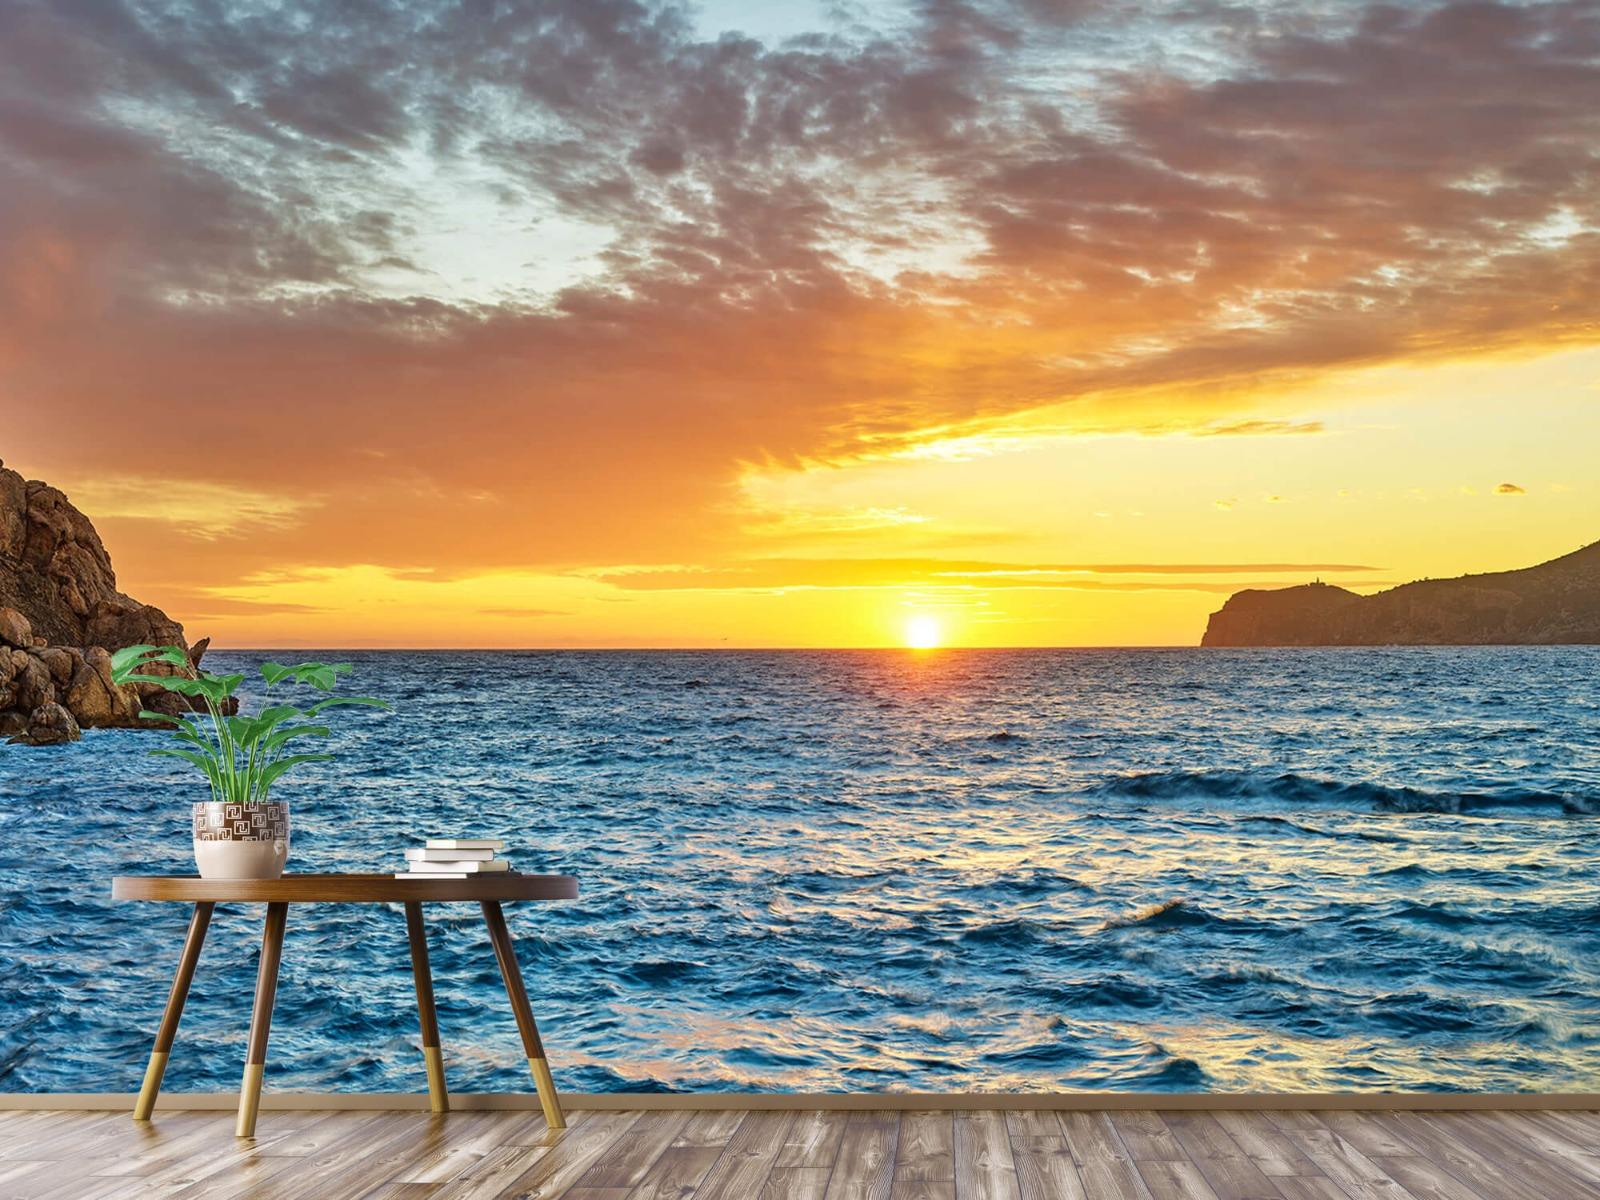 Zon - Zonsondergang op een eiland - Slaapkamer 4